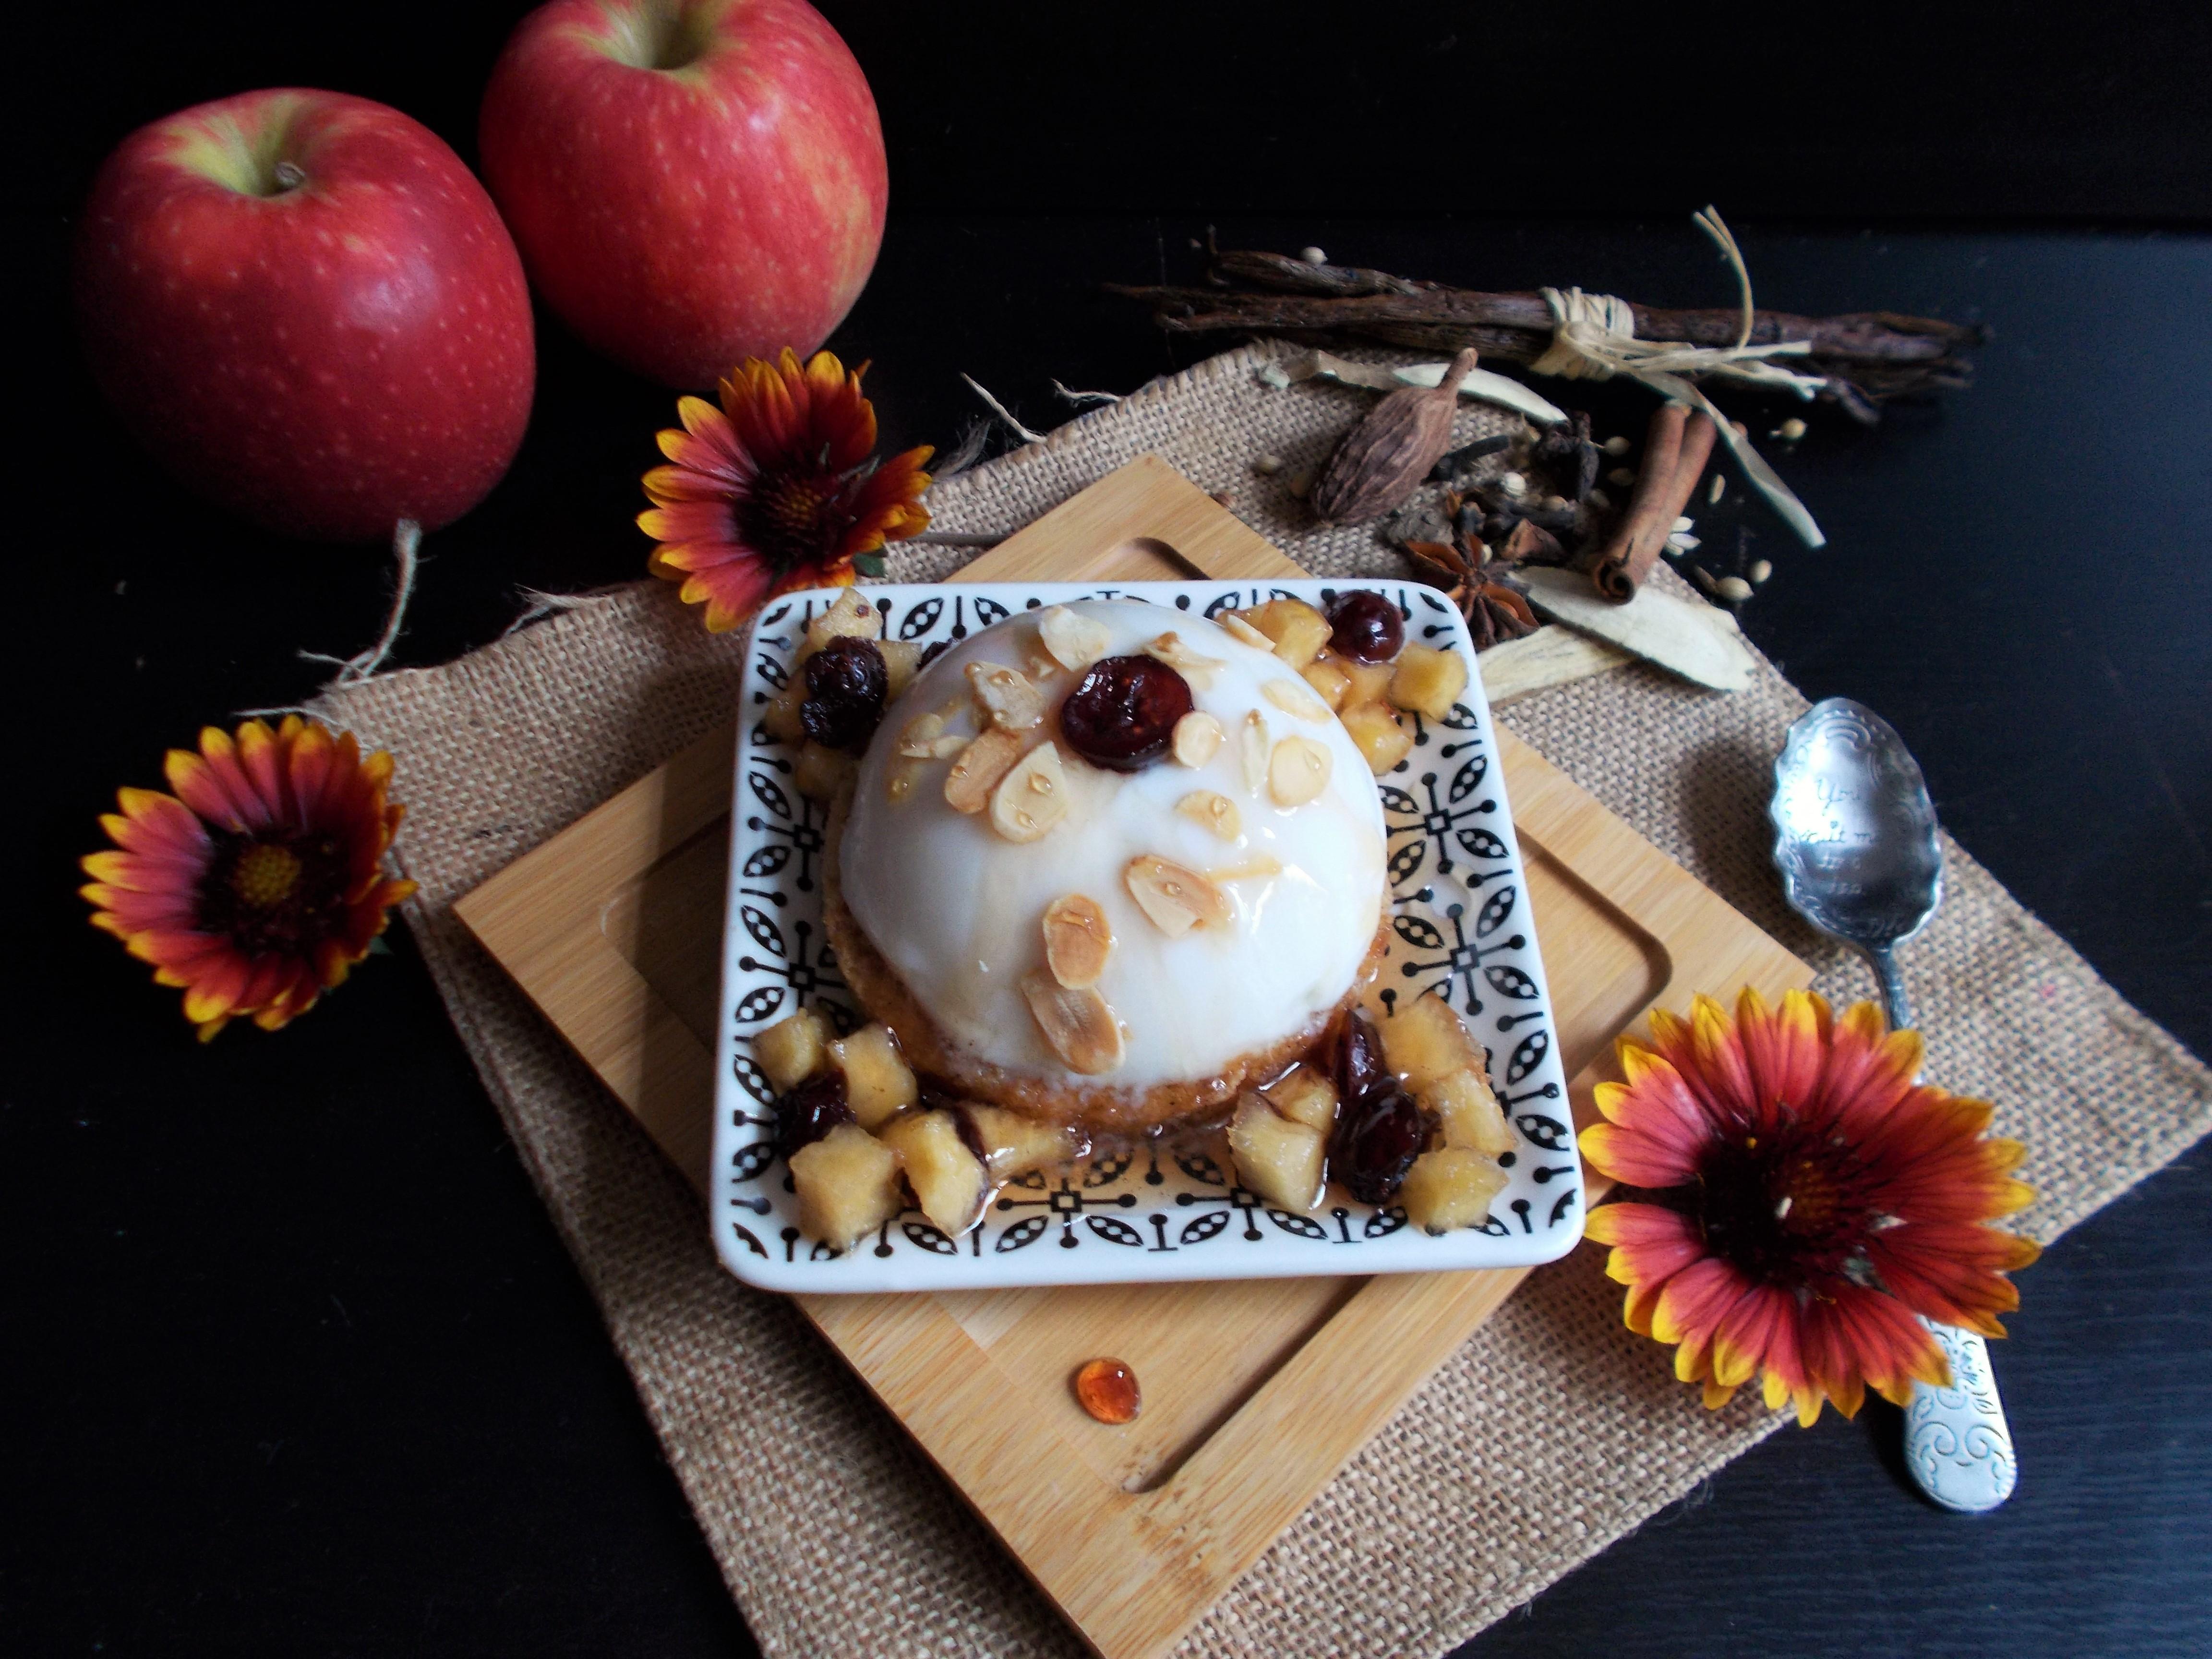 Panna cotta à l'amande, pommes et sirop d'épices